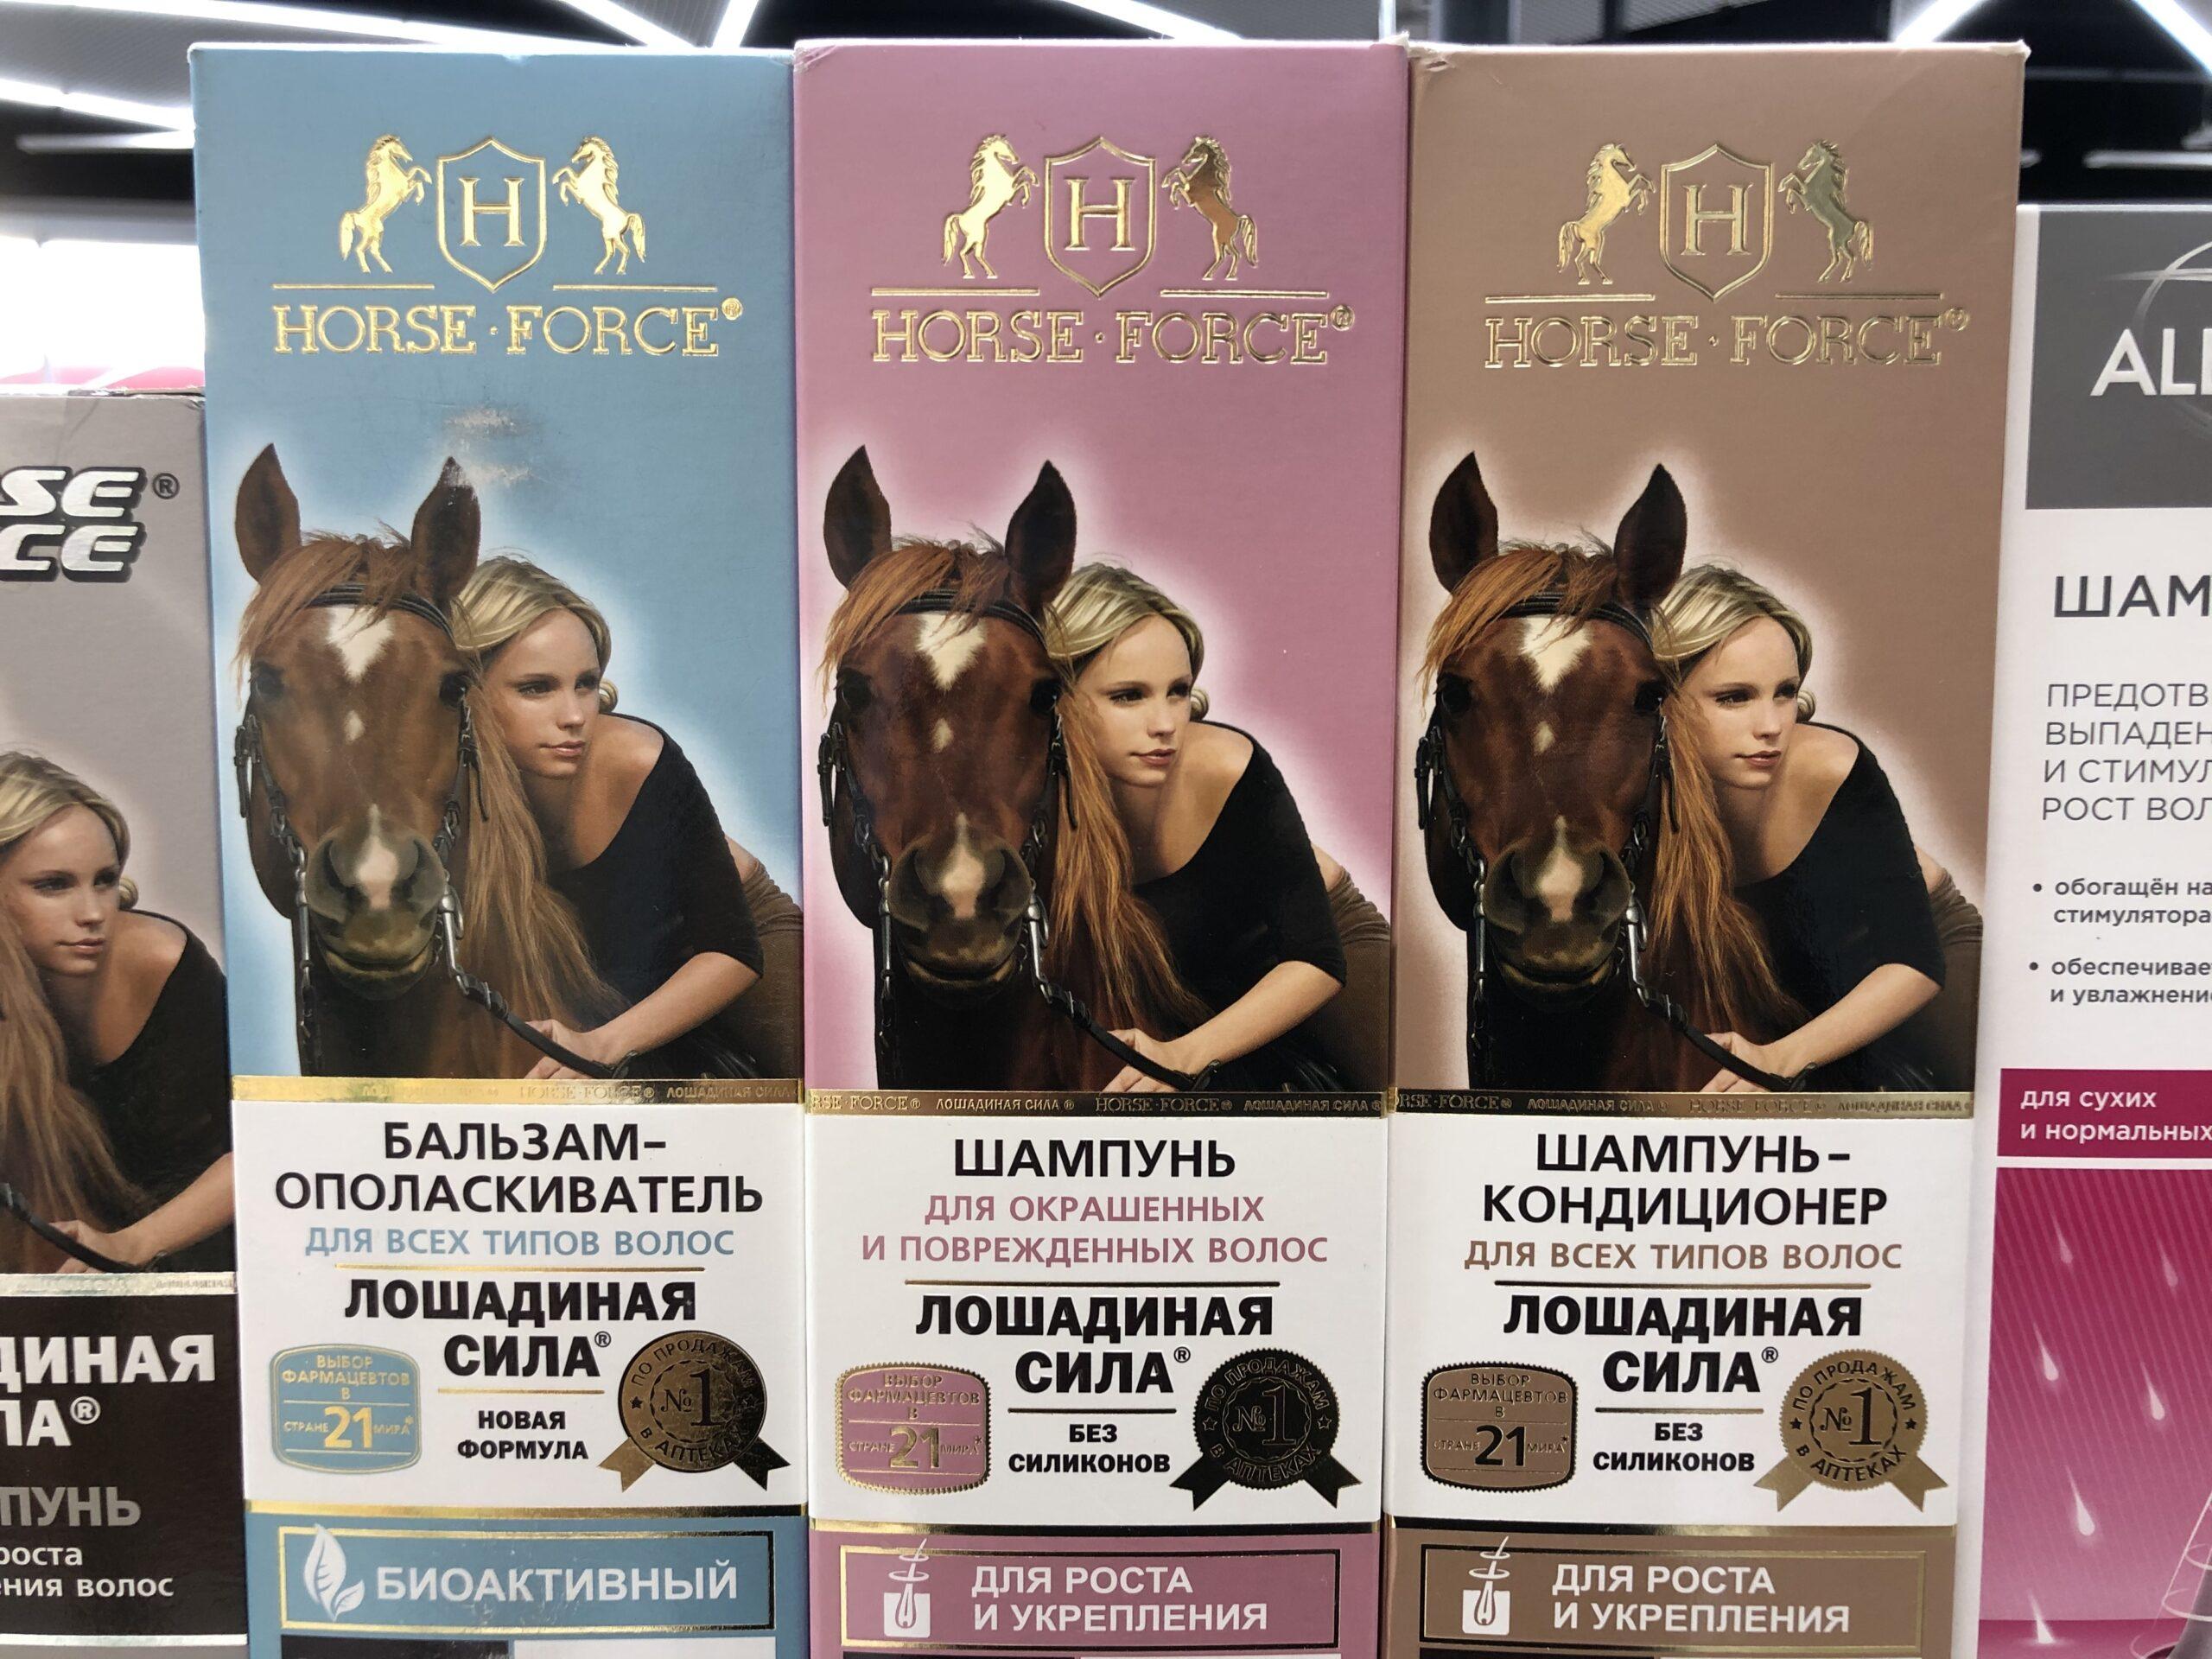 Шампунь Лошадиная сила Horse force упаковка